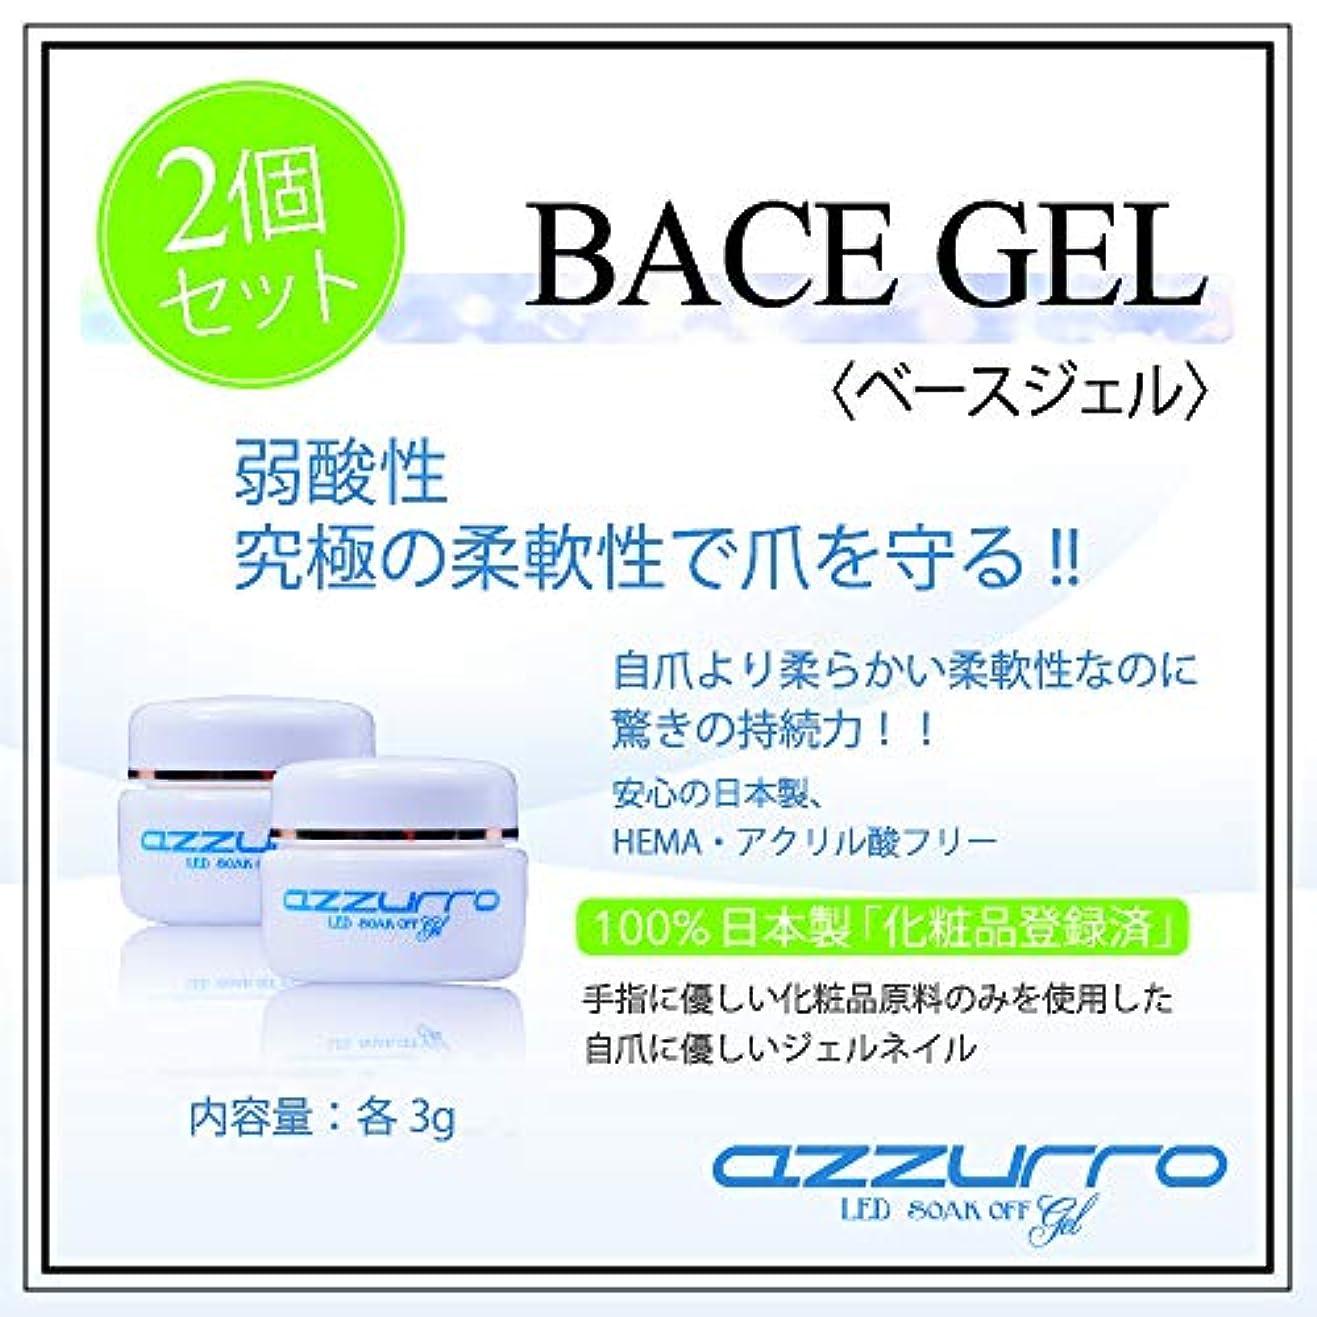 再発する解放のぞき穴azzurro gel アッズーロベースジェル お得な2個セット 爪に優しい 日本製 驚きの密着力 リムーバーでオフも簡単3g